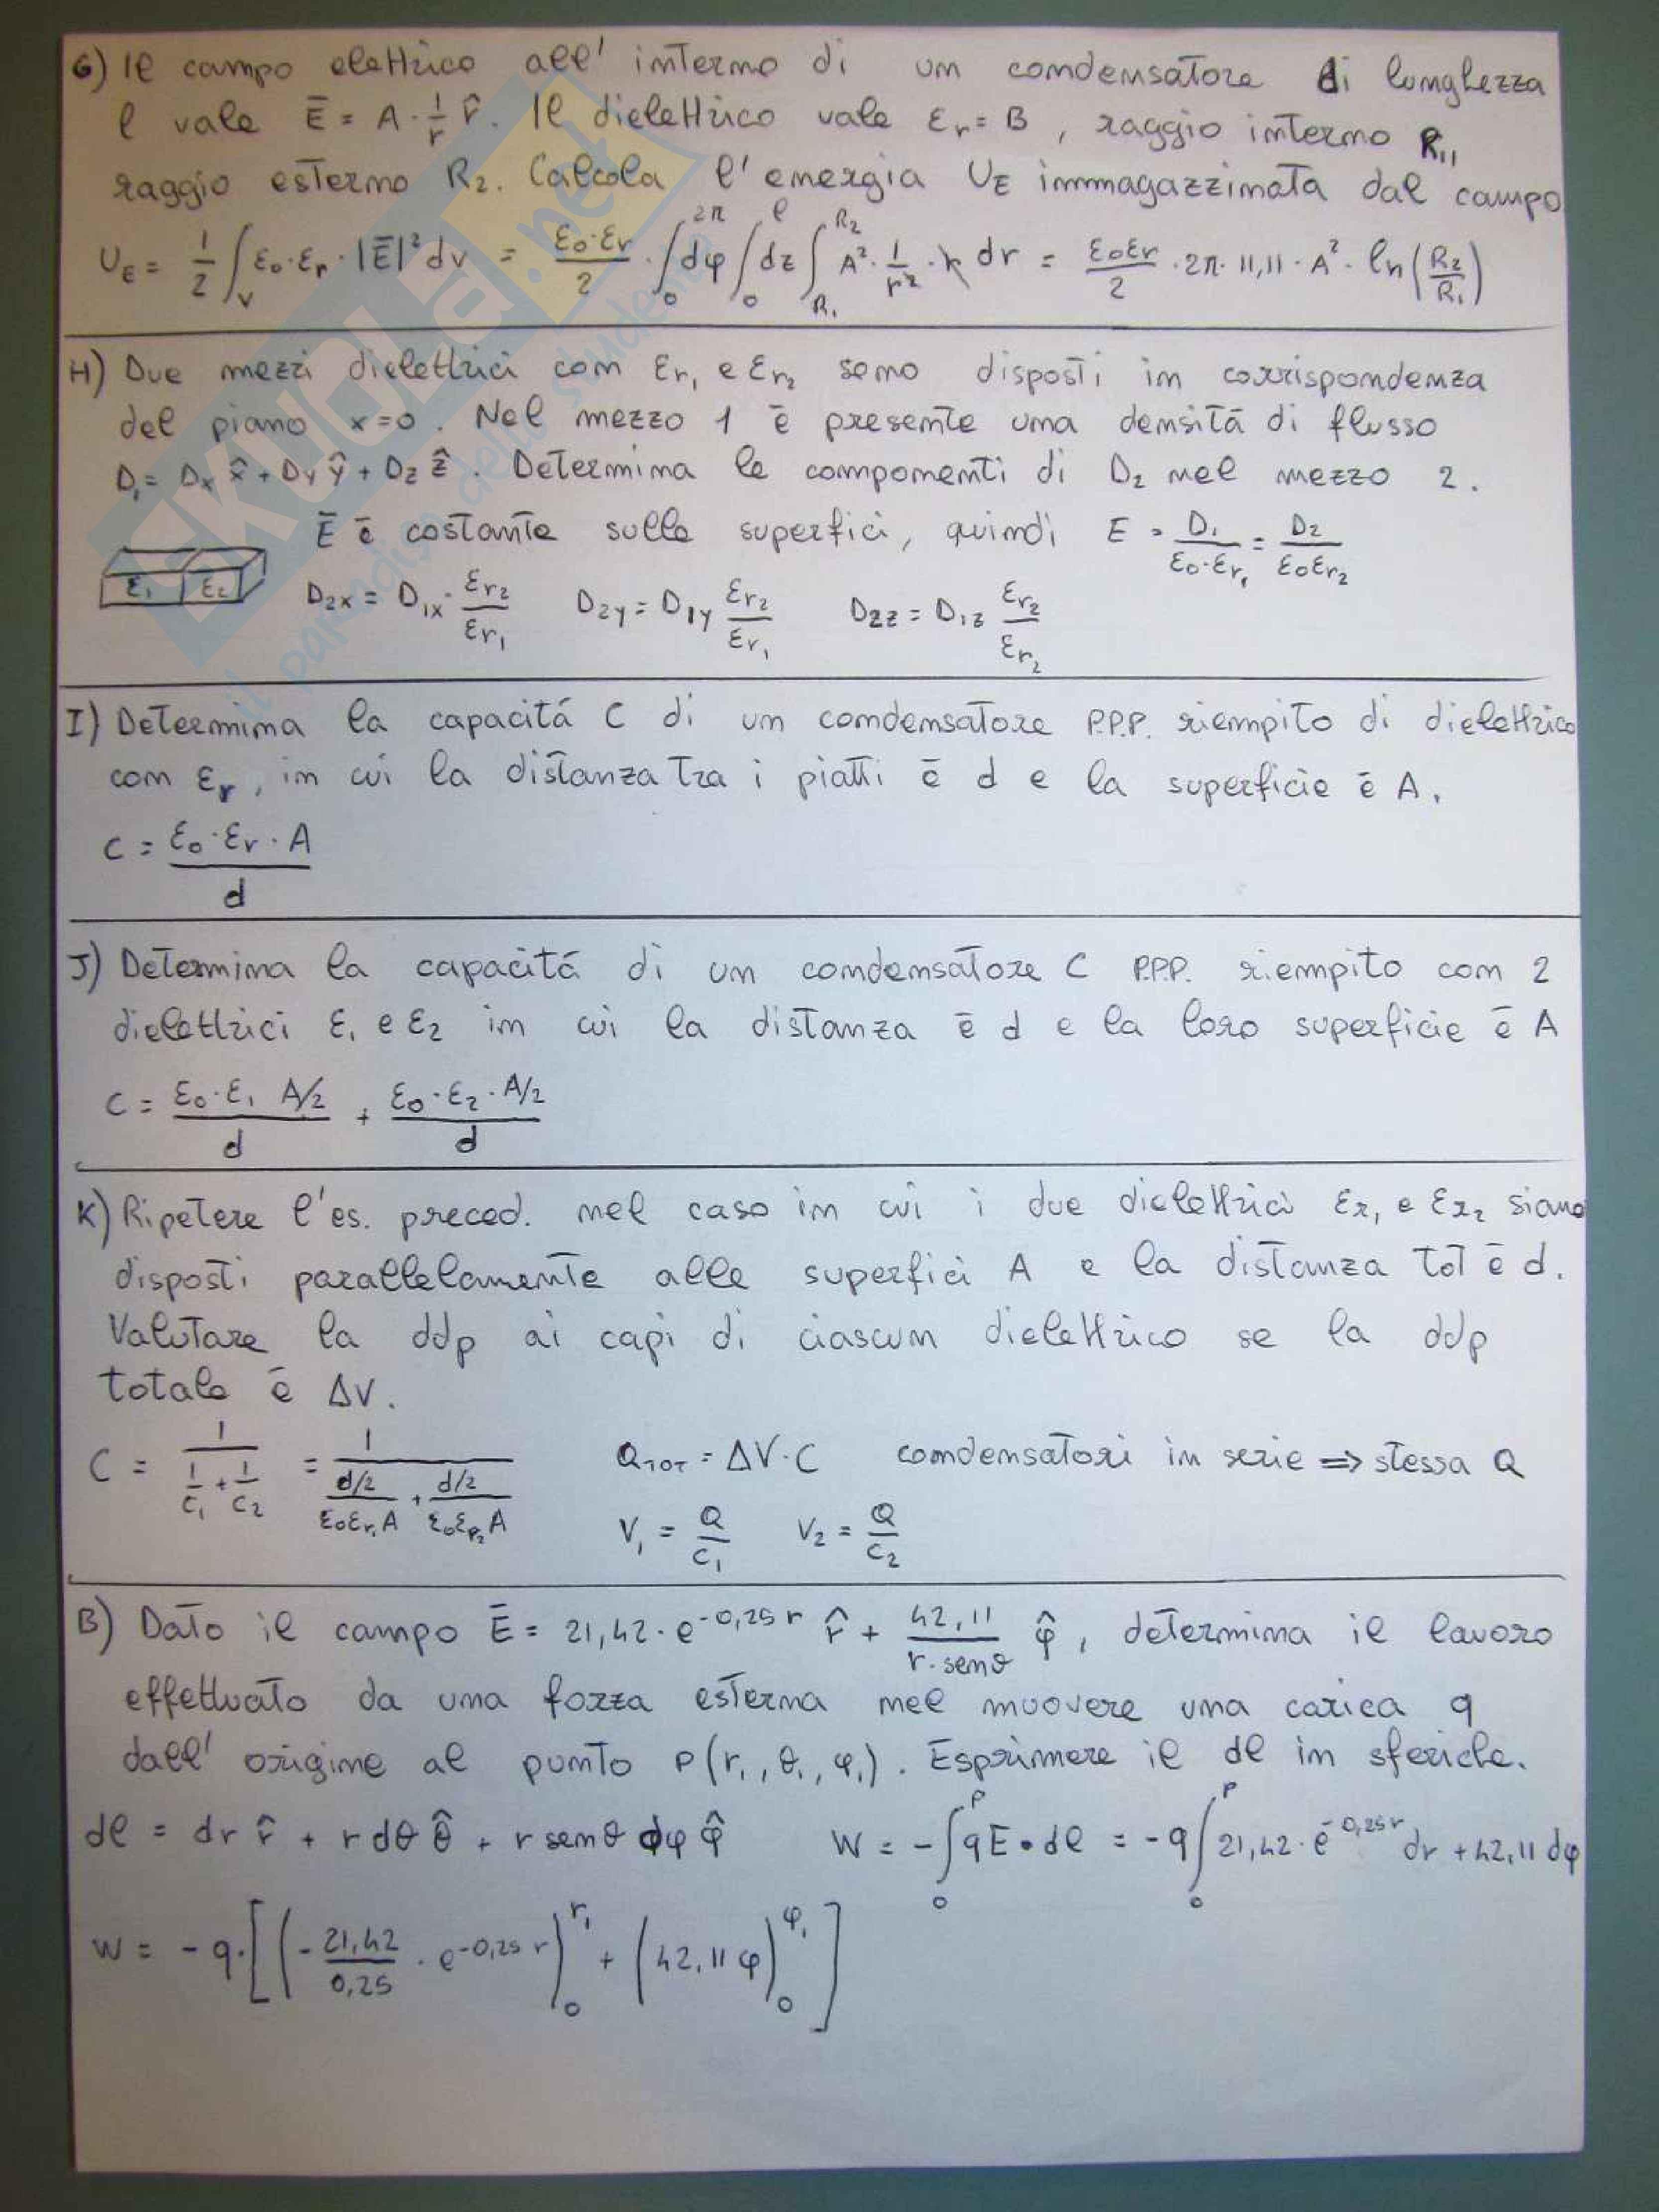 Fondamenti di Elettromagnetismo - Esercizi (homework) Pag. 6